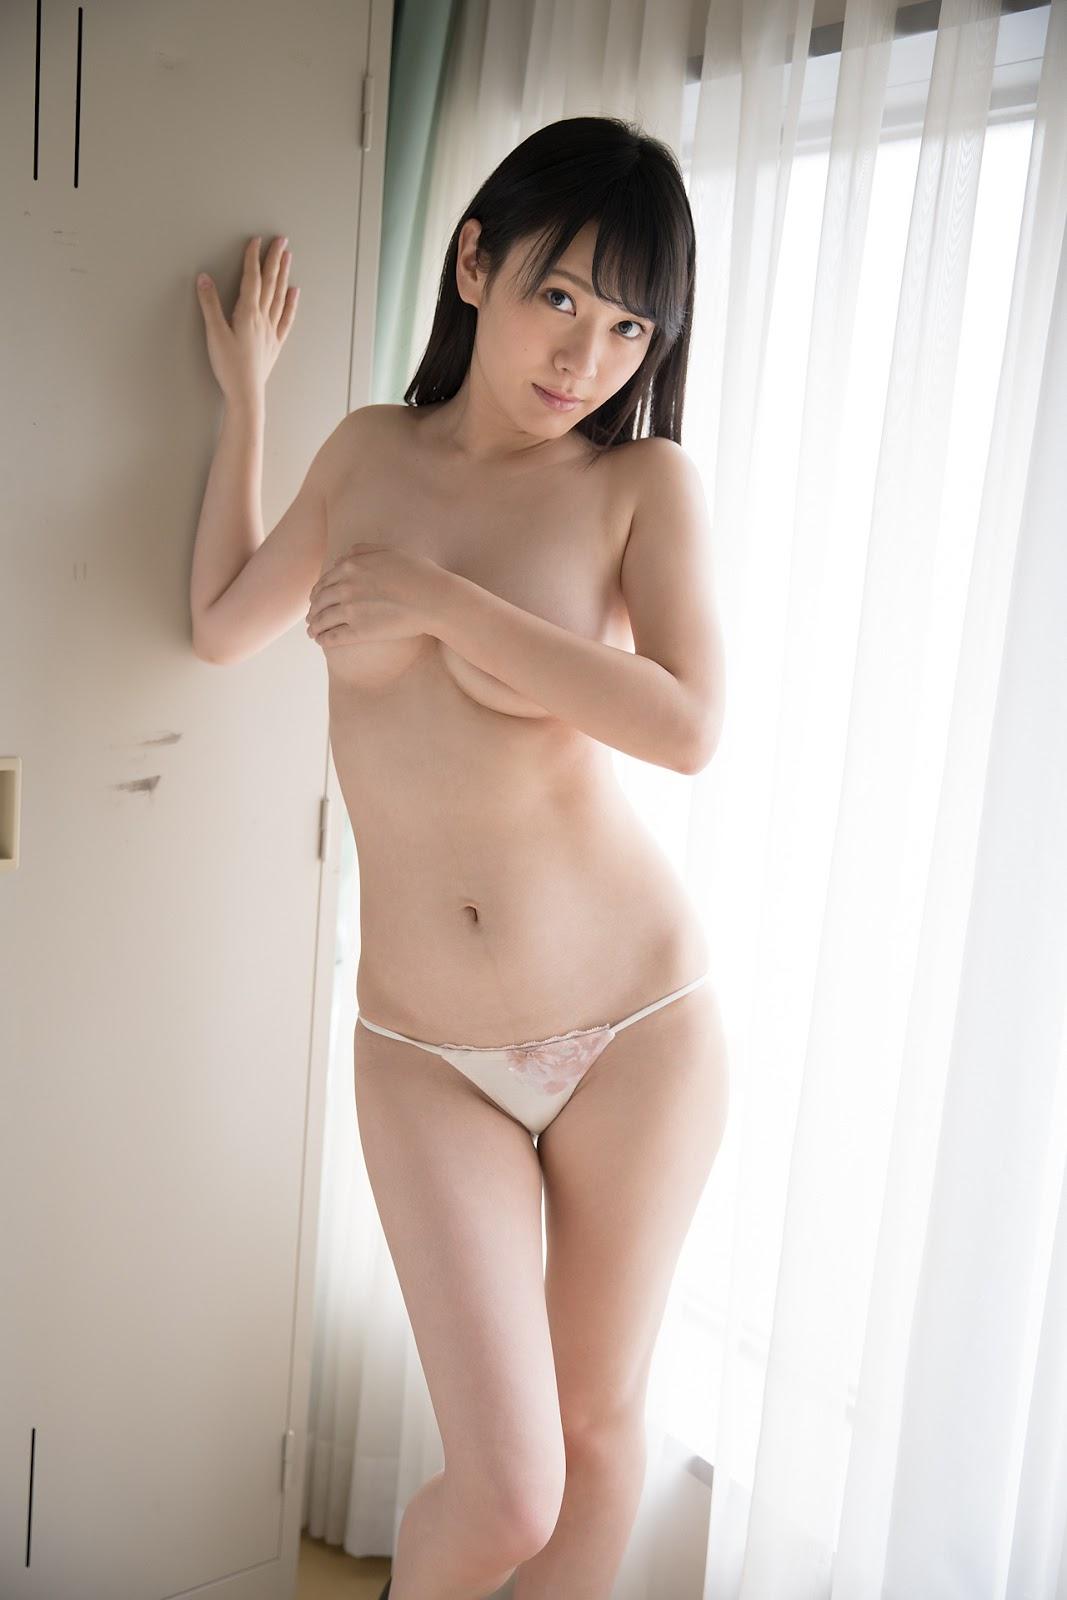 bfaa0410029.jpg